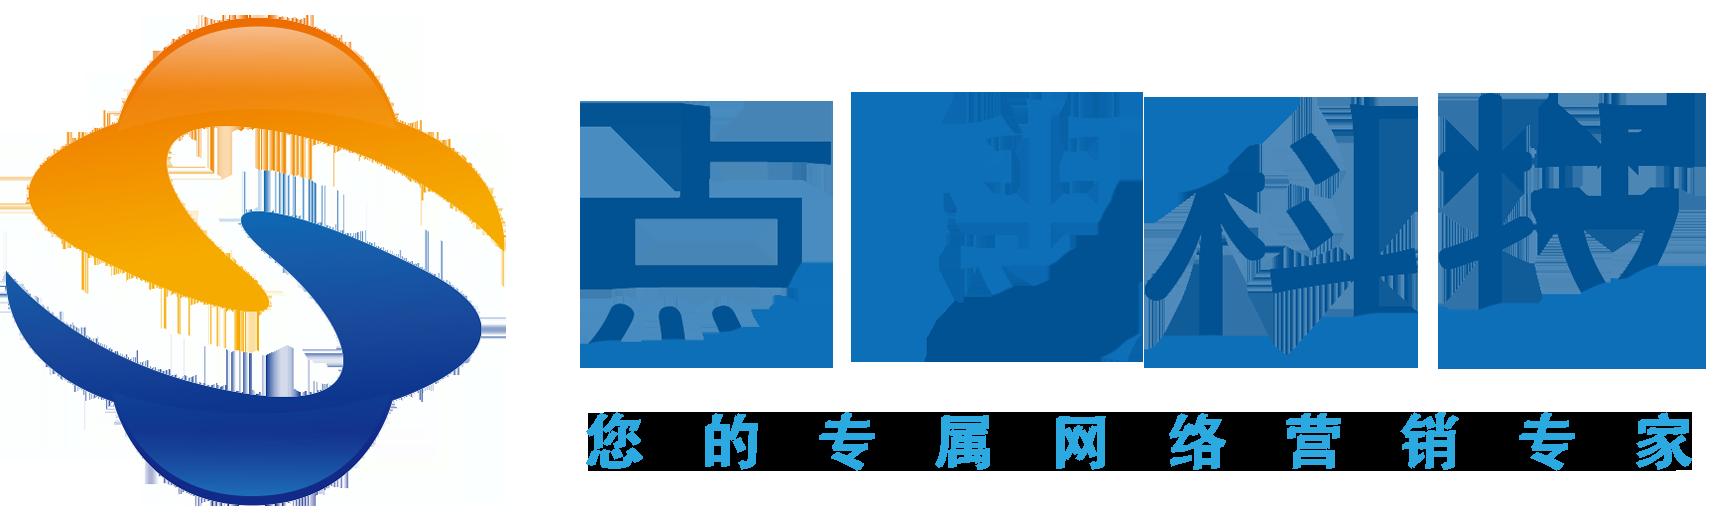 竞博app下载-竞博体育app下载-竞博体育jbo